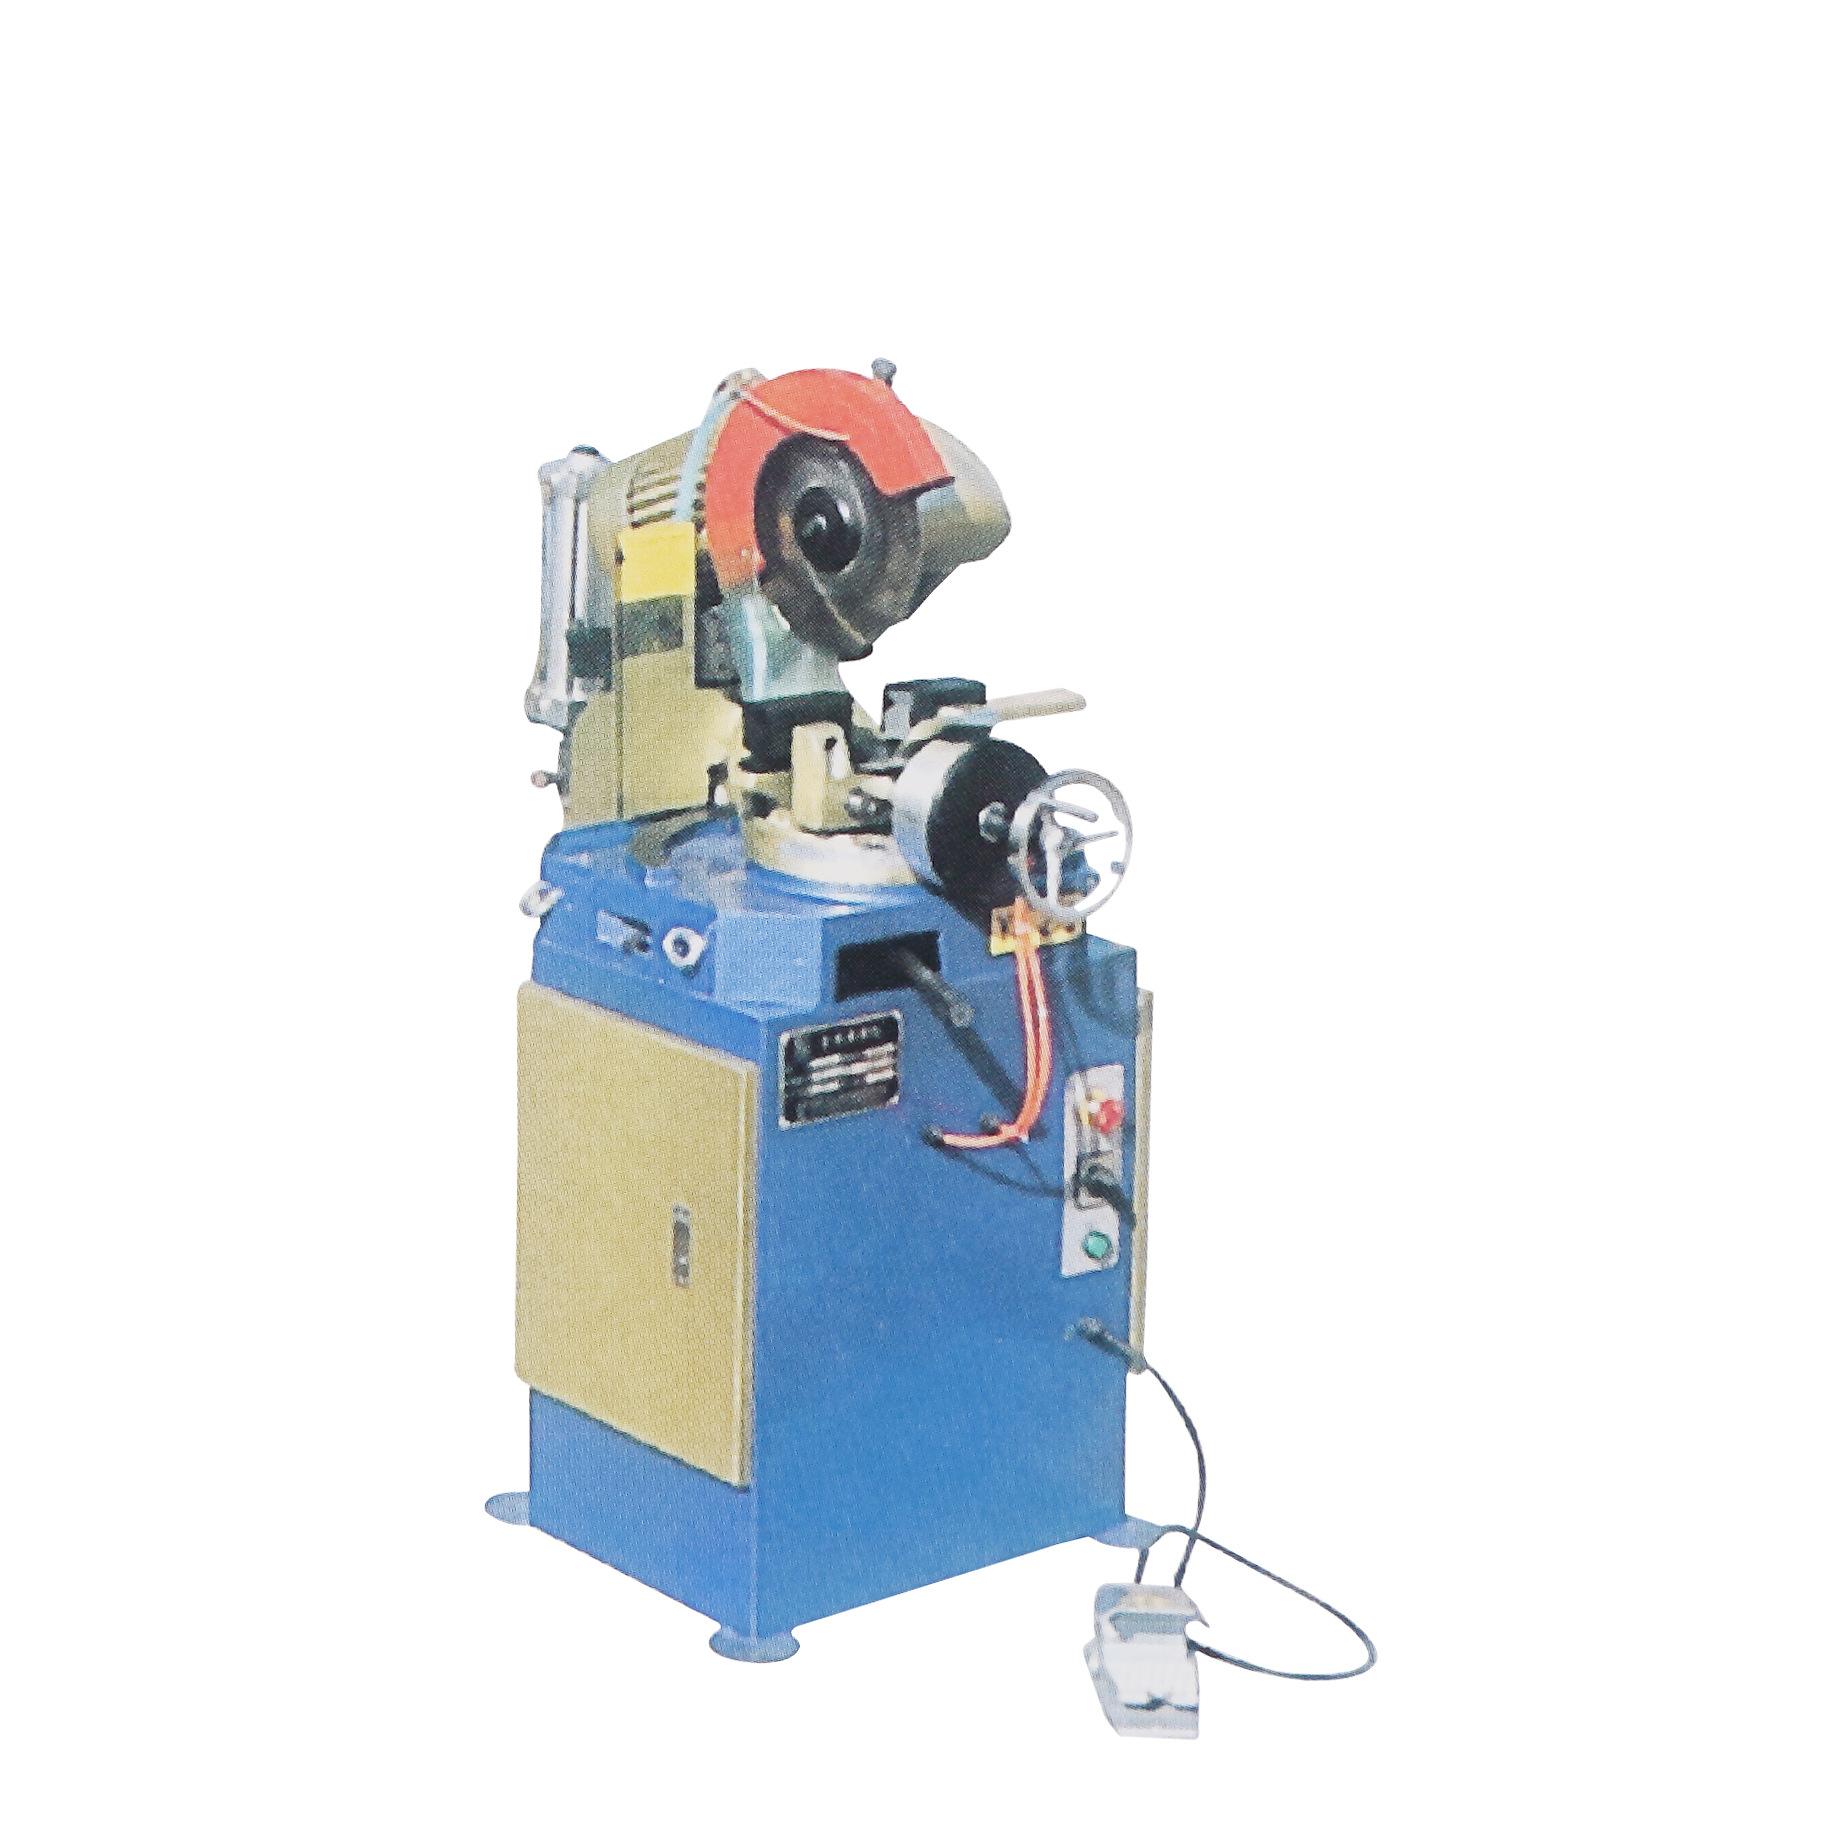 厂家直销全自动切管机 切管机 气动切管机 液压切管机 自动切管机